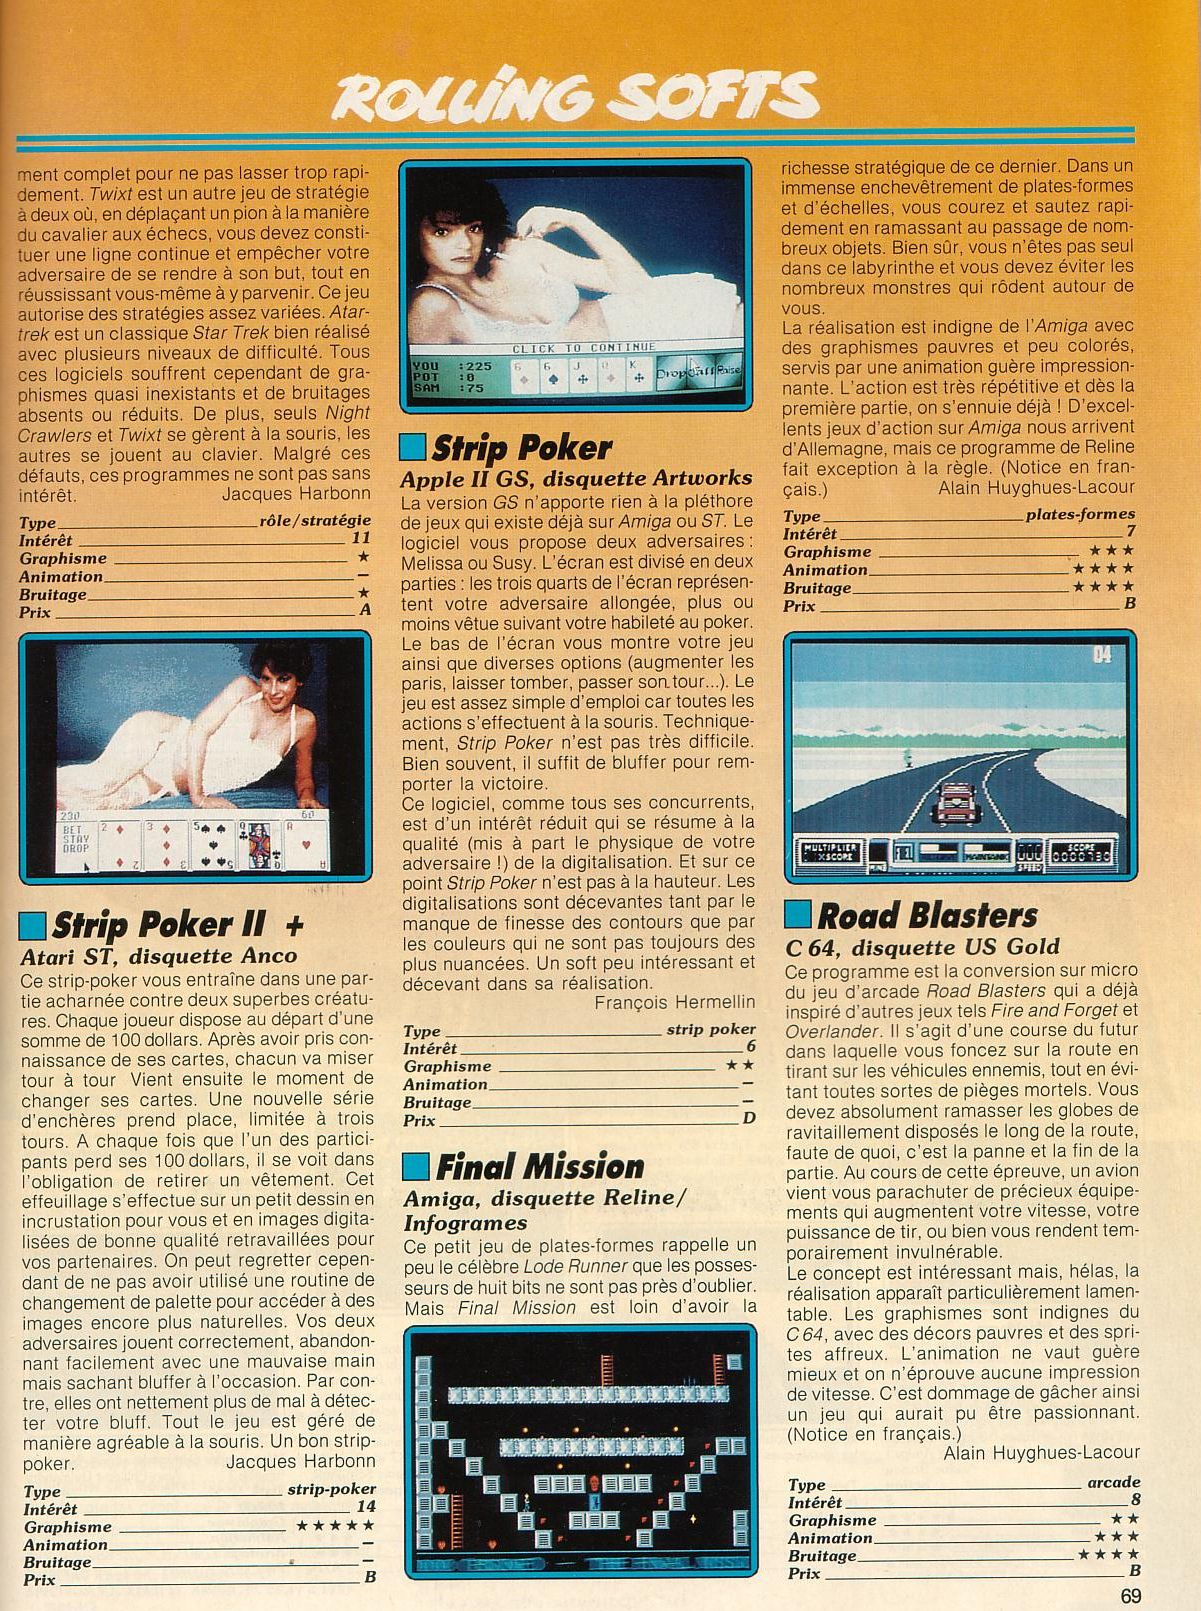 RoadBlasters for Amiga (1988) MobyRank - MobyGames